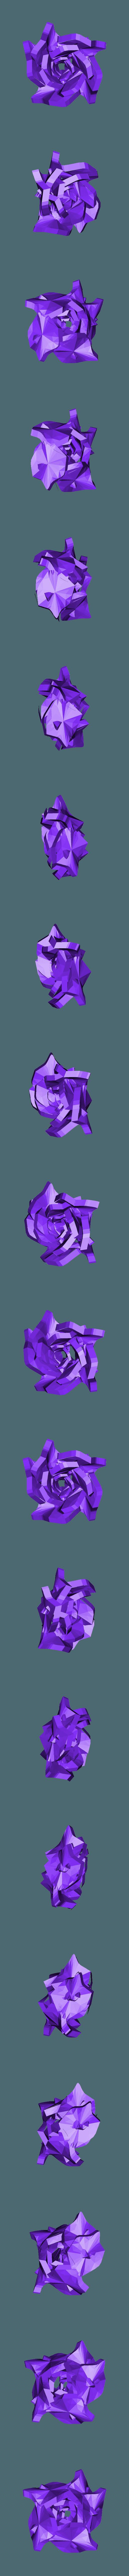 rose.stl Télécharger fichier STL gratuit Bague de rose • Design imprimable en 3D, swivaller